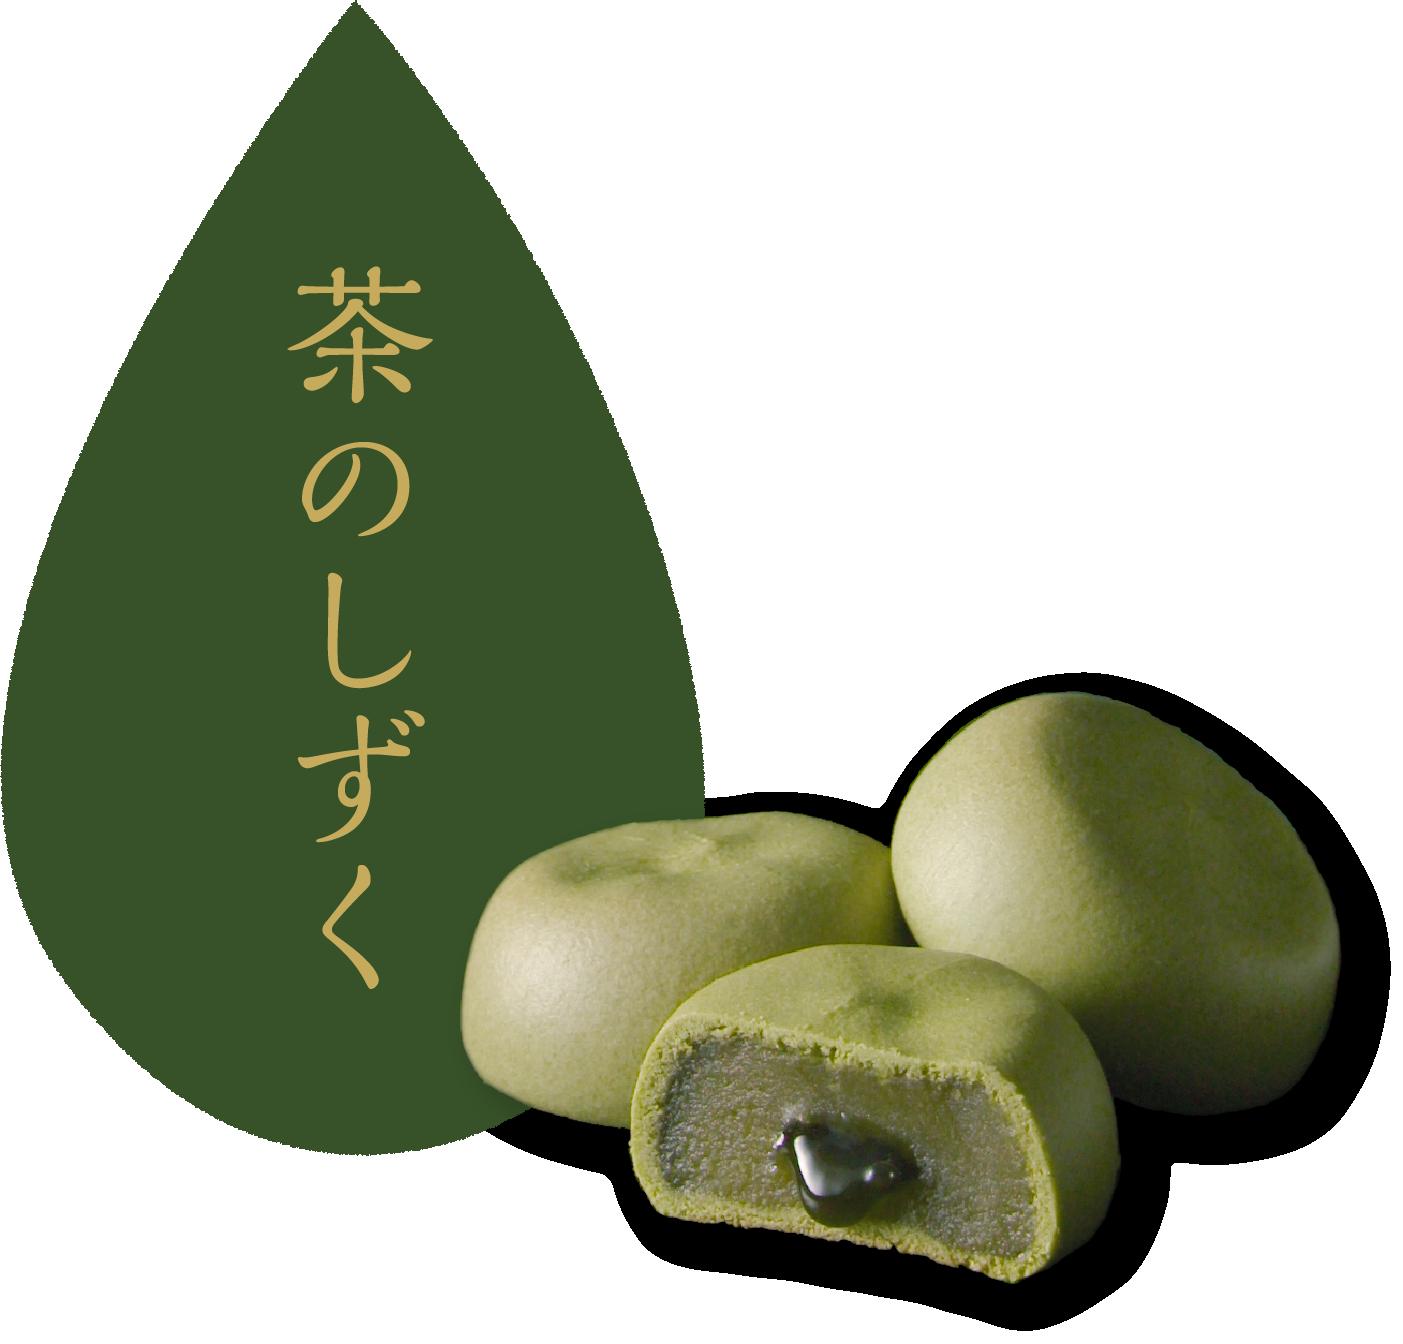 茶のしずく(香川県産高瀬茶のミルク饅頭) | 株式会社マルシン